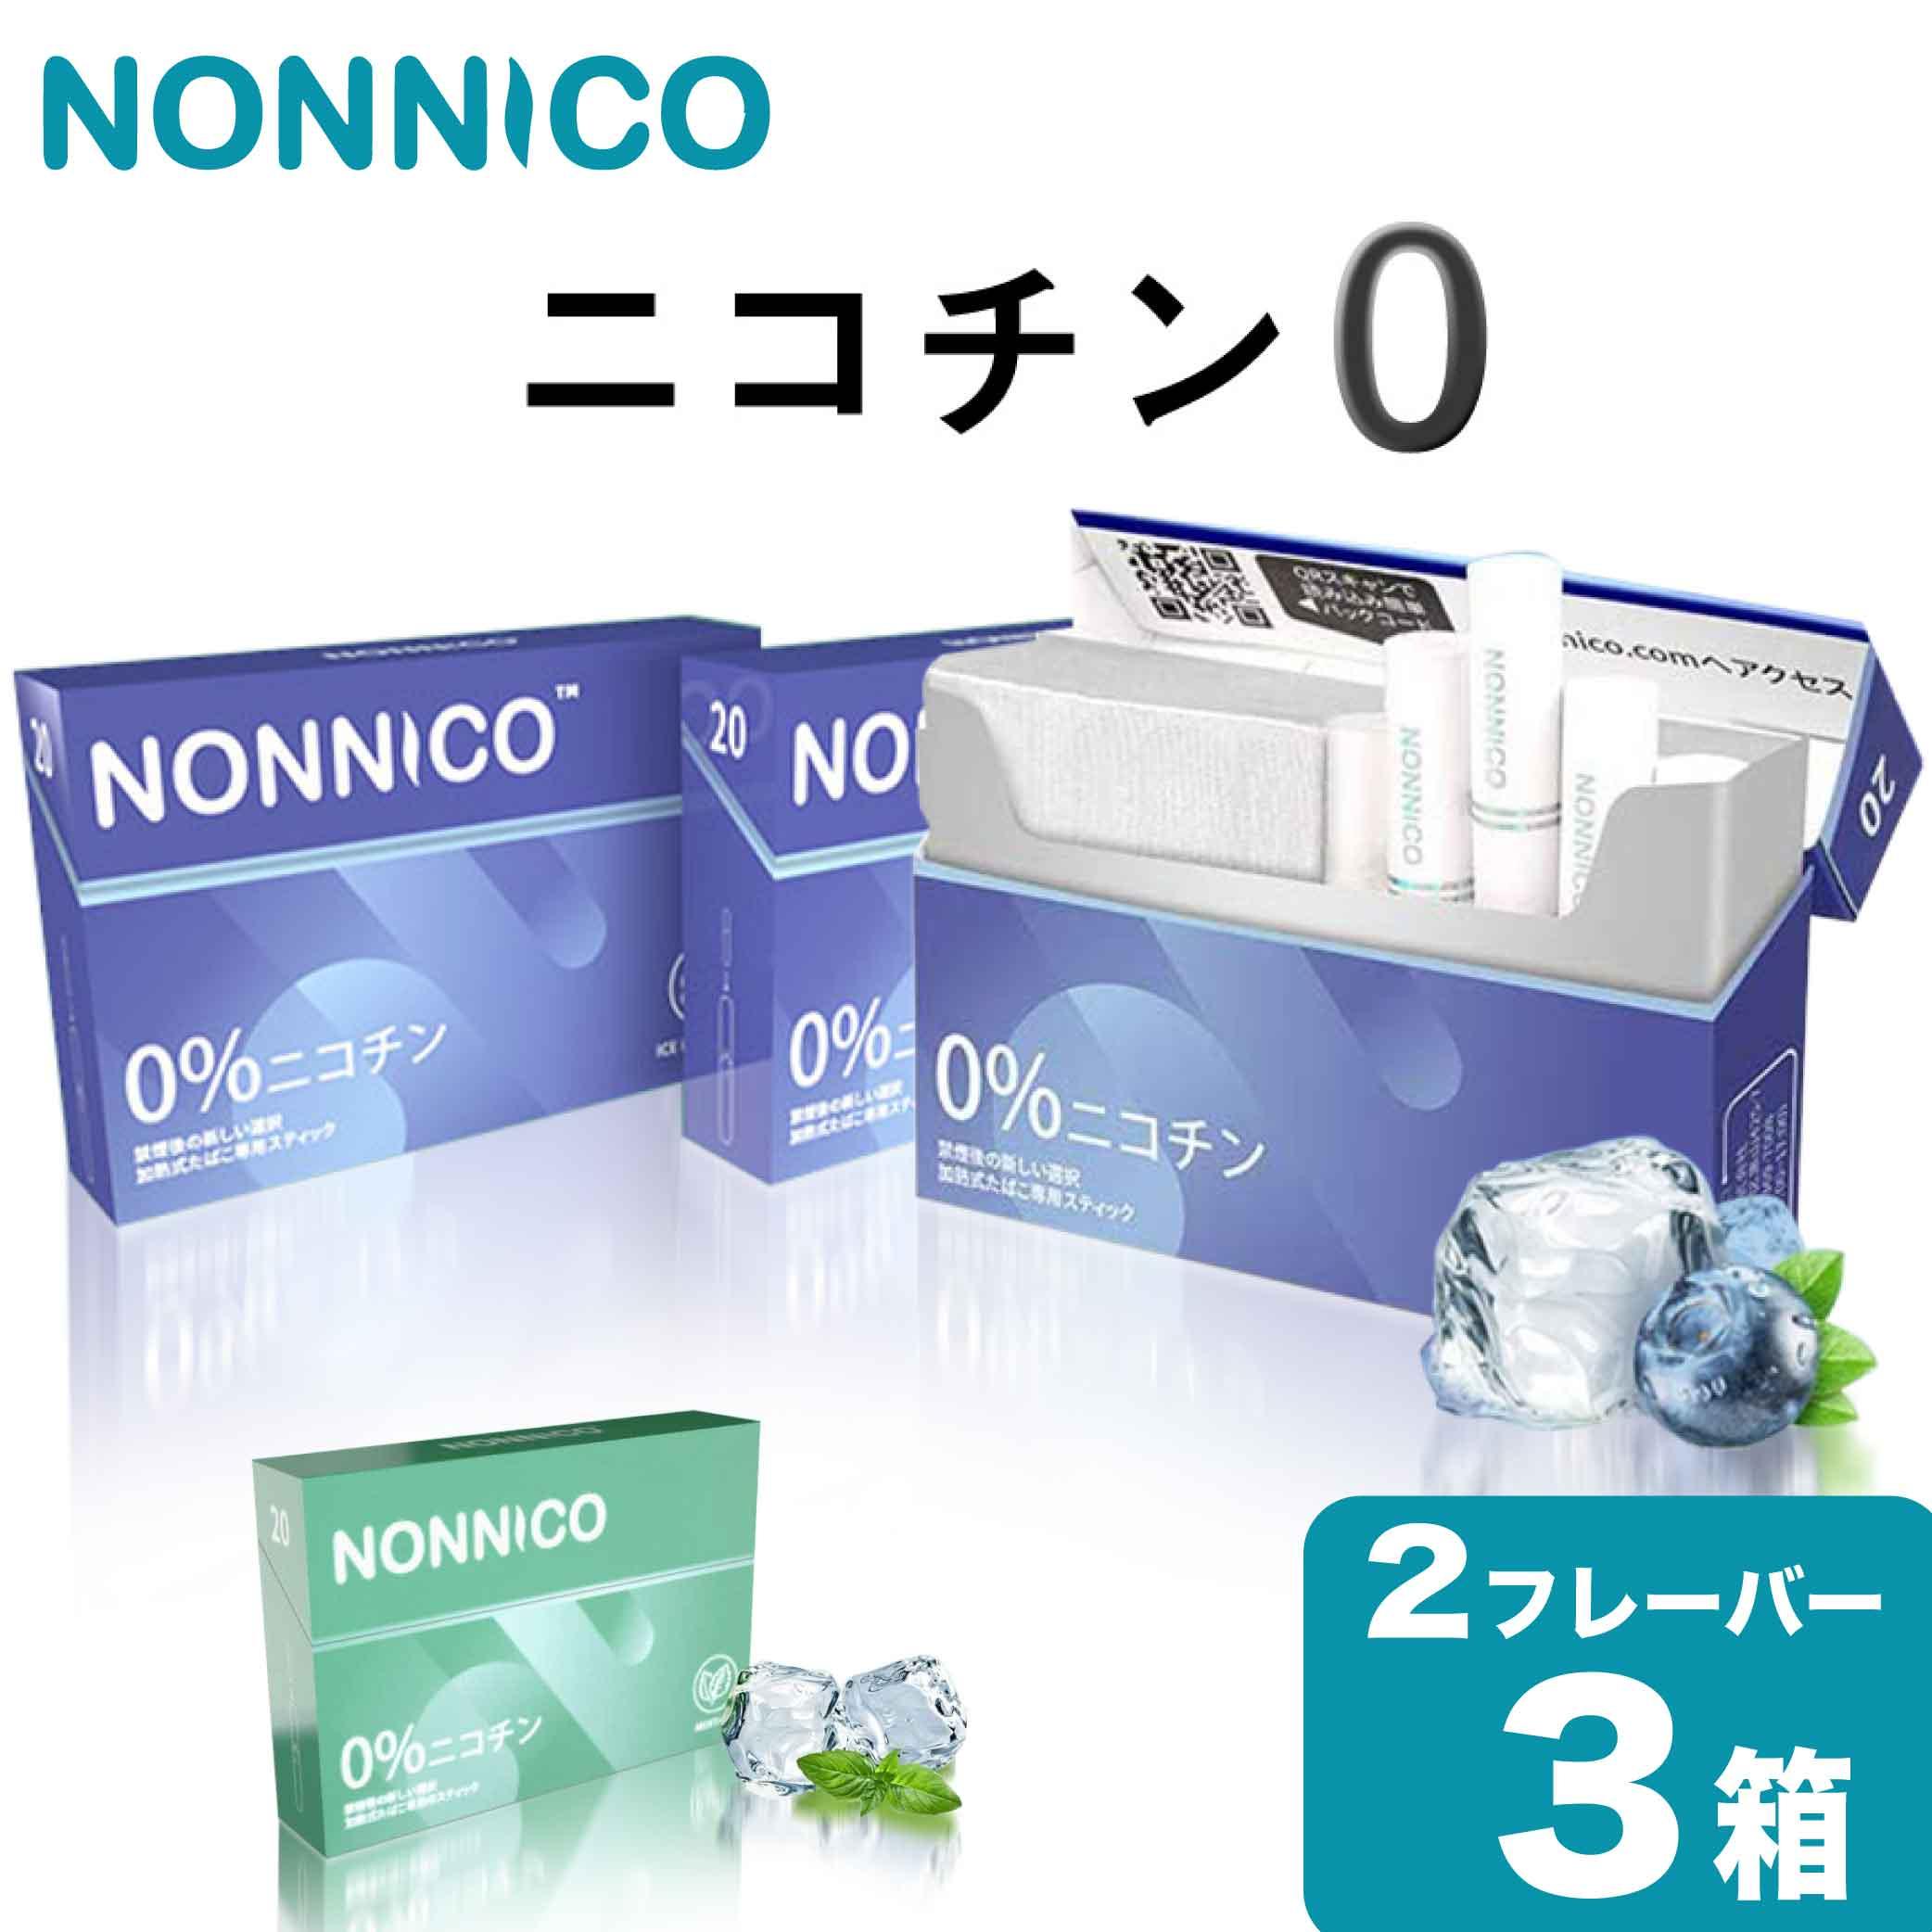 アイコス や 互換機 で使える ノンニコチンスティック 日本製 NONNICO ノンニコ ニコチン0 ニコチンゼロ スティック ニコチンレス 茶葉 定価の67%OFF 電子タバコ 加熱式タバコ 3箱 アムール 禁煙 互換 メンソール セット ブルーベリー SPLASH スプラッシュ AMOOUR